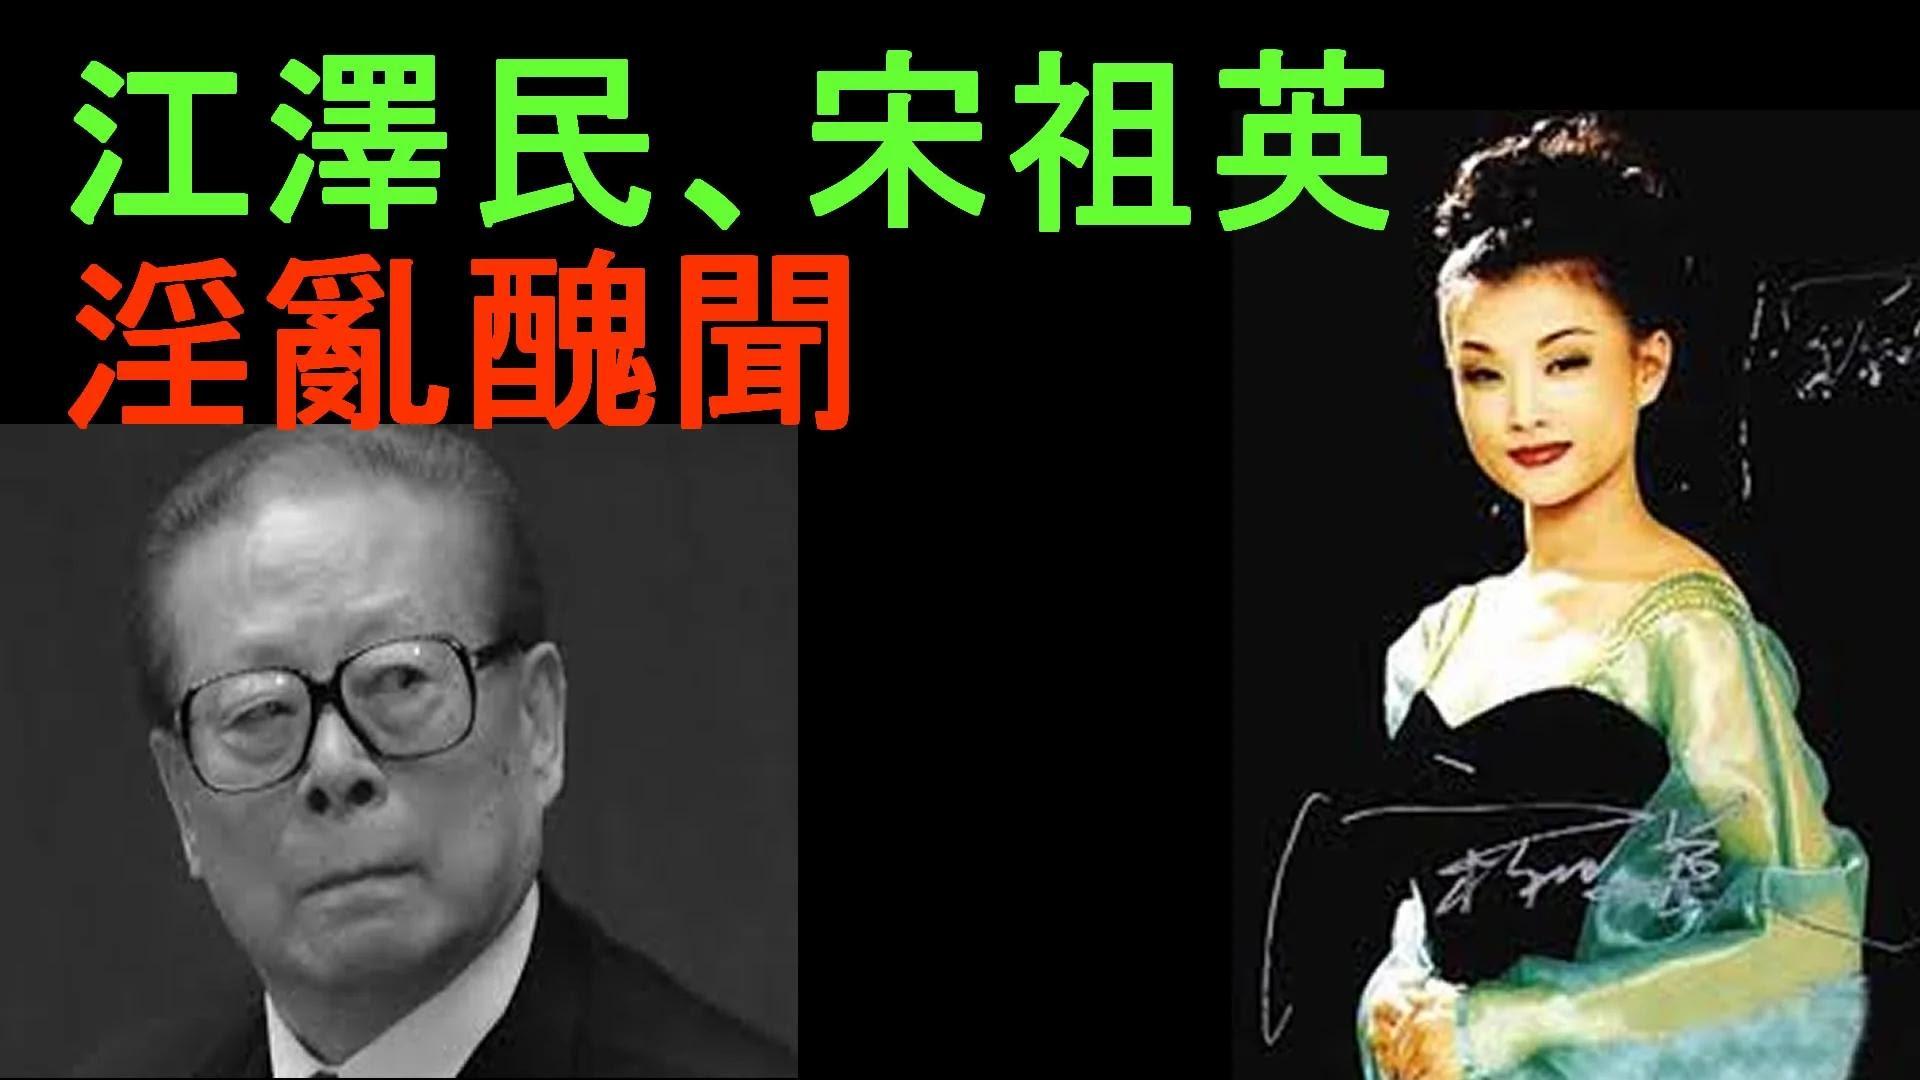 """""""江泽民 丑闻""""的图片搜索结果"""